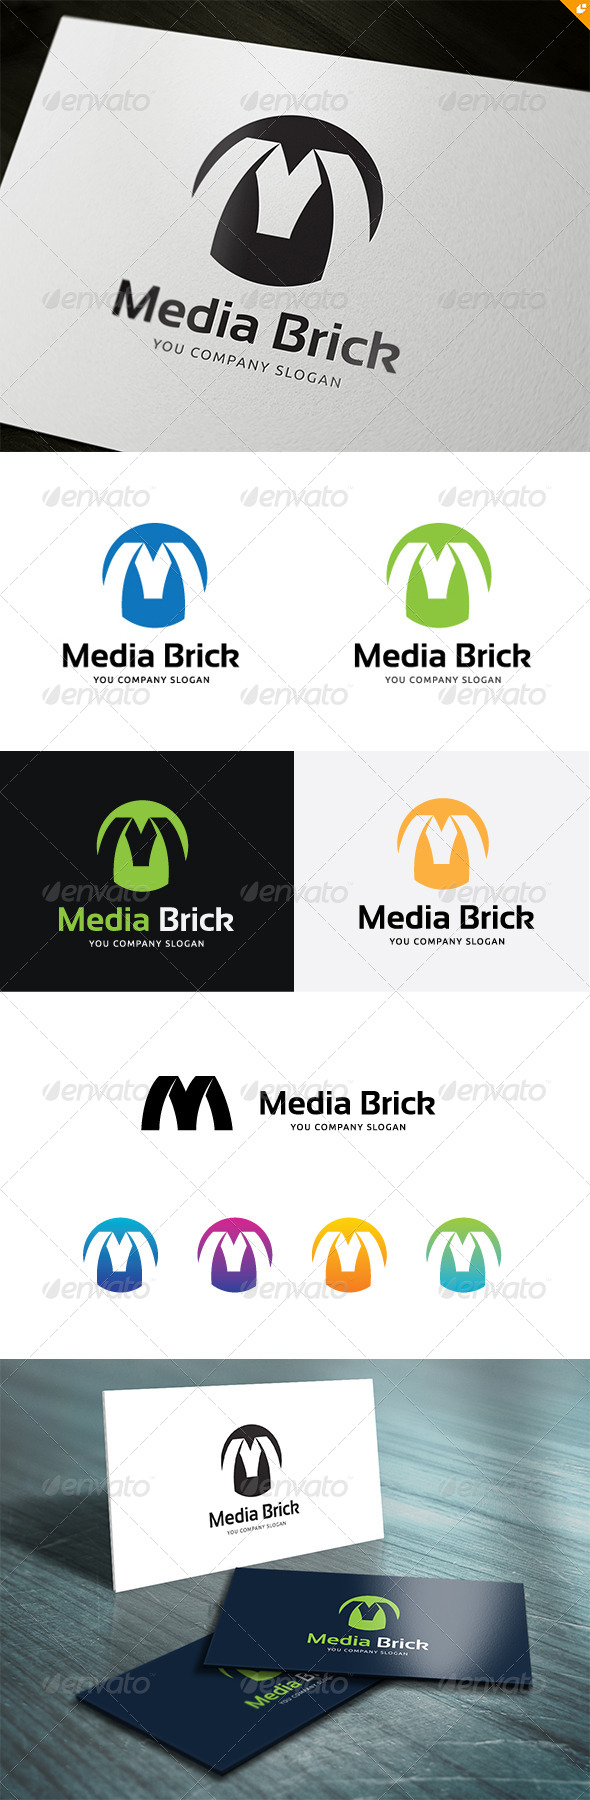 GraphicRiver Media Brick 5311229